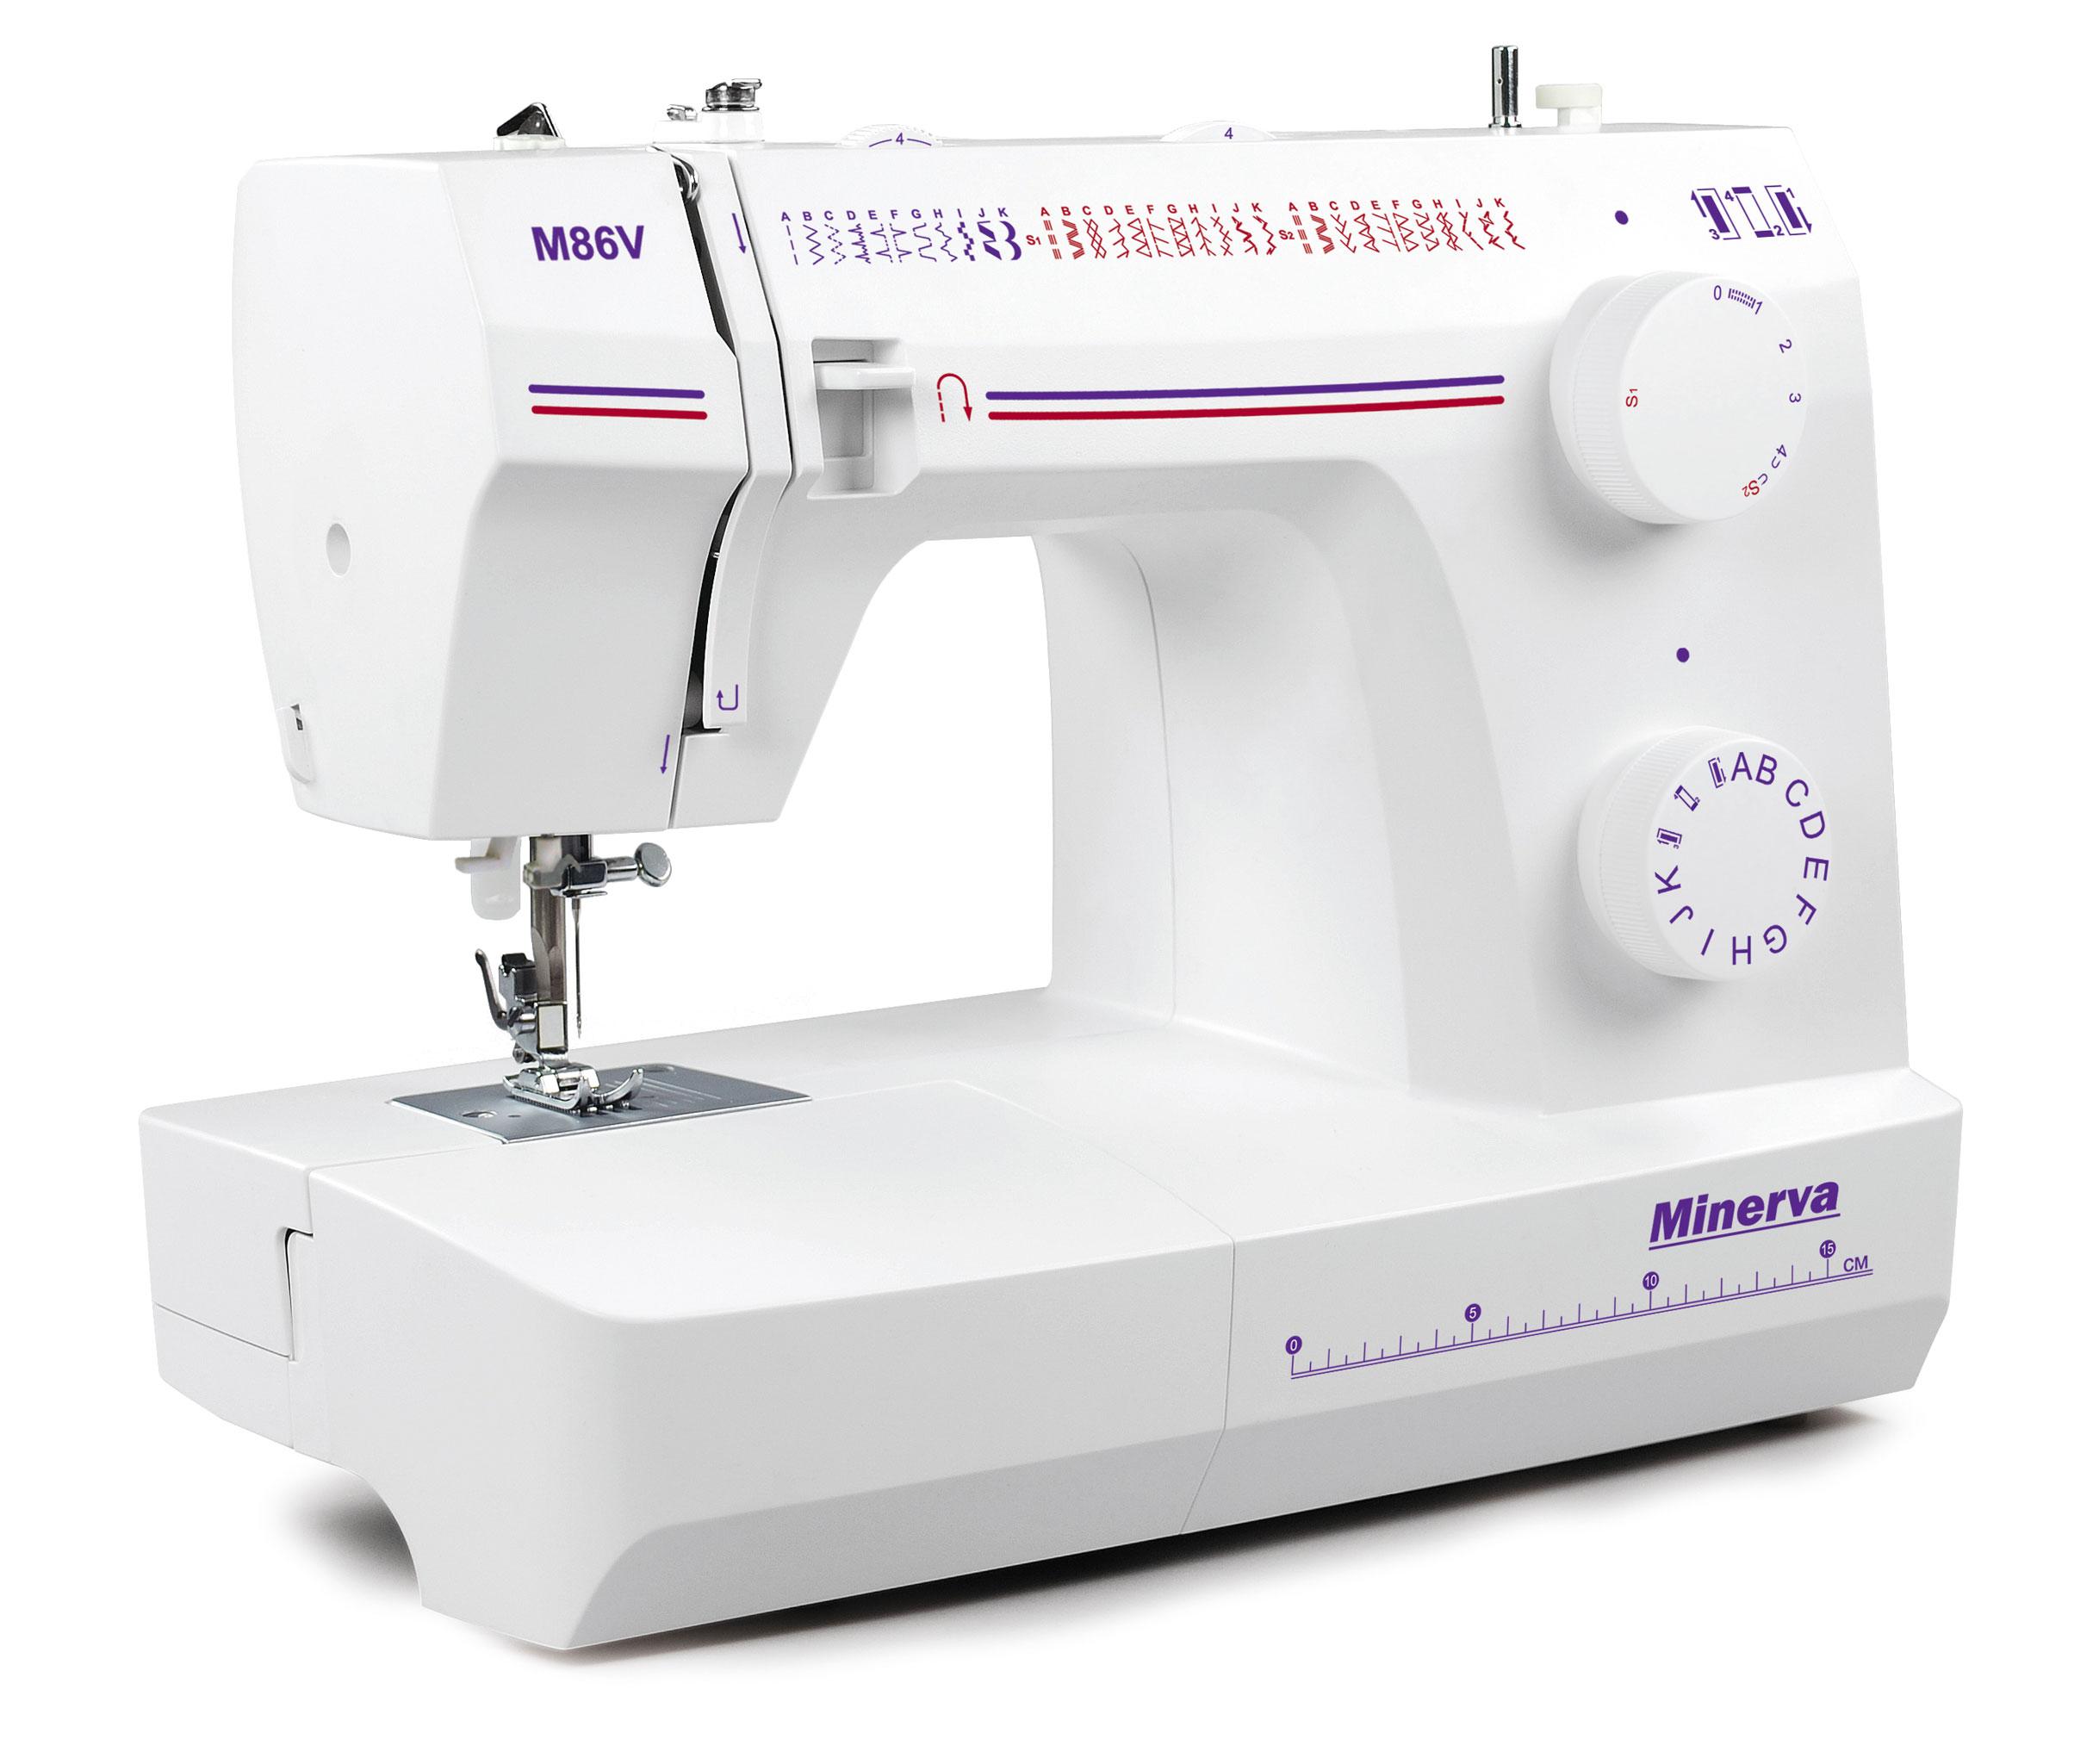 Нові моделі швейних машин Minerva - фото 4 - новина в інтернет-магазині Sewgroup